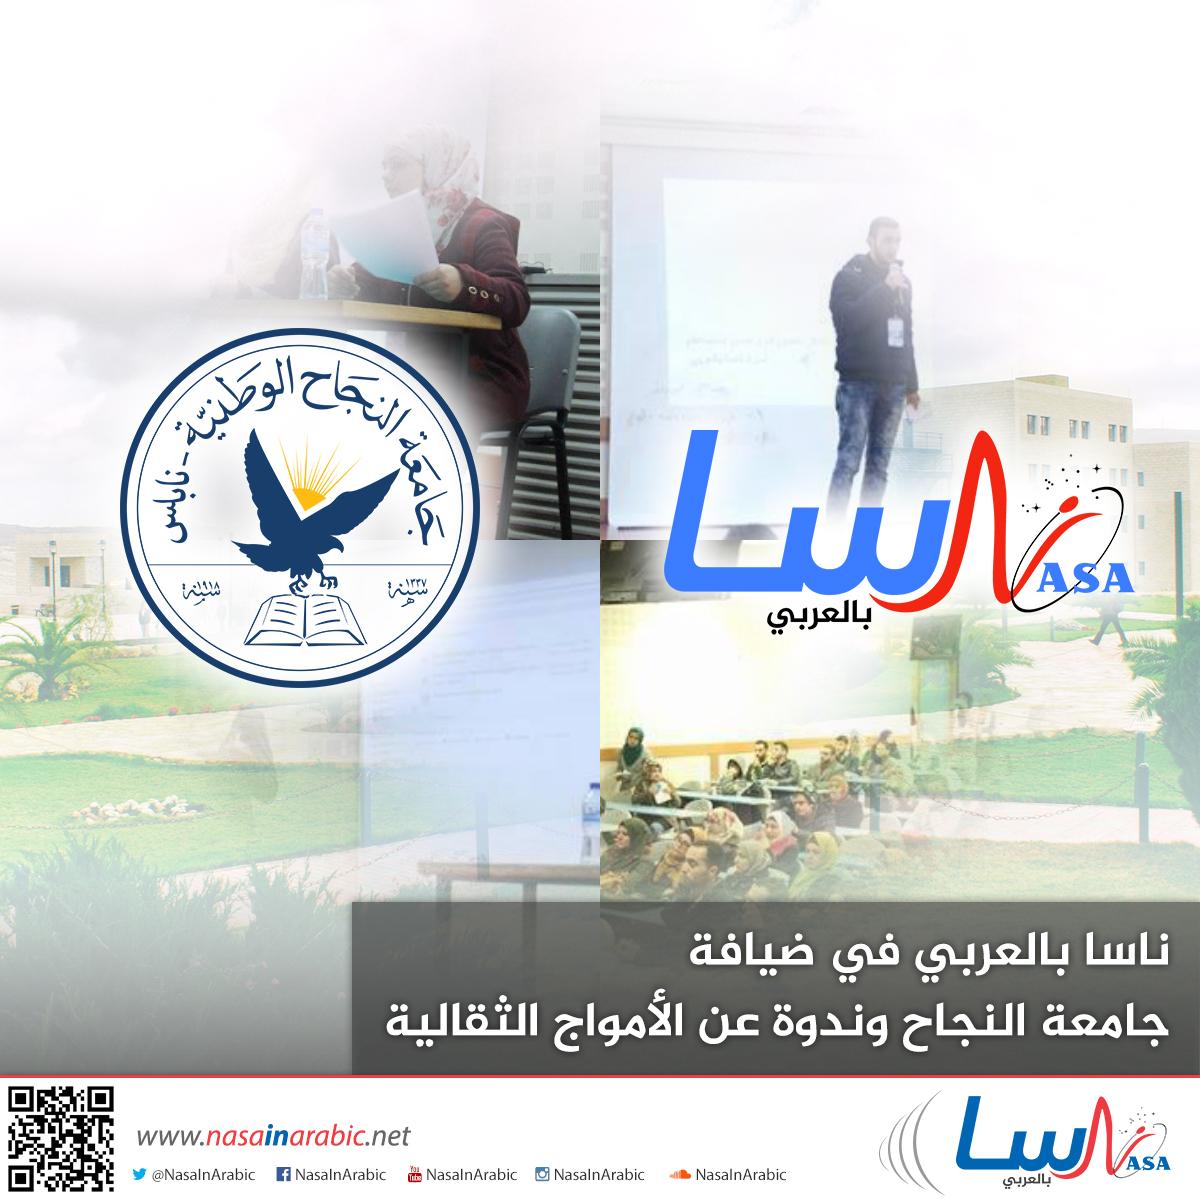 ناسا بالعربي في ضيافة جامعة النجاح وندوة عن الأمواج الثقالية